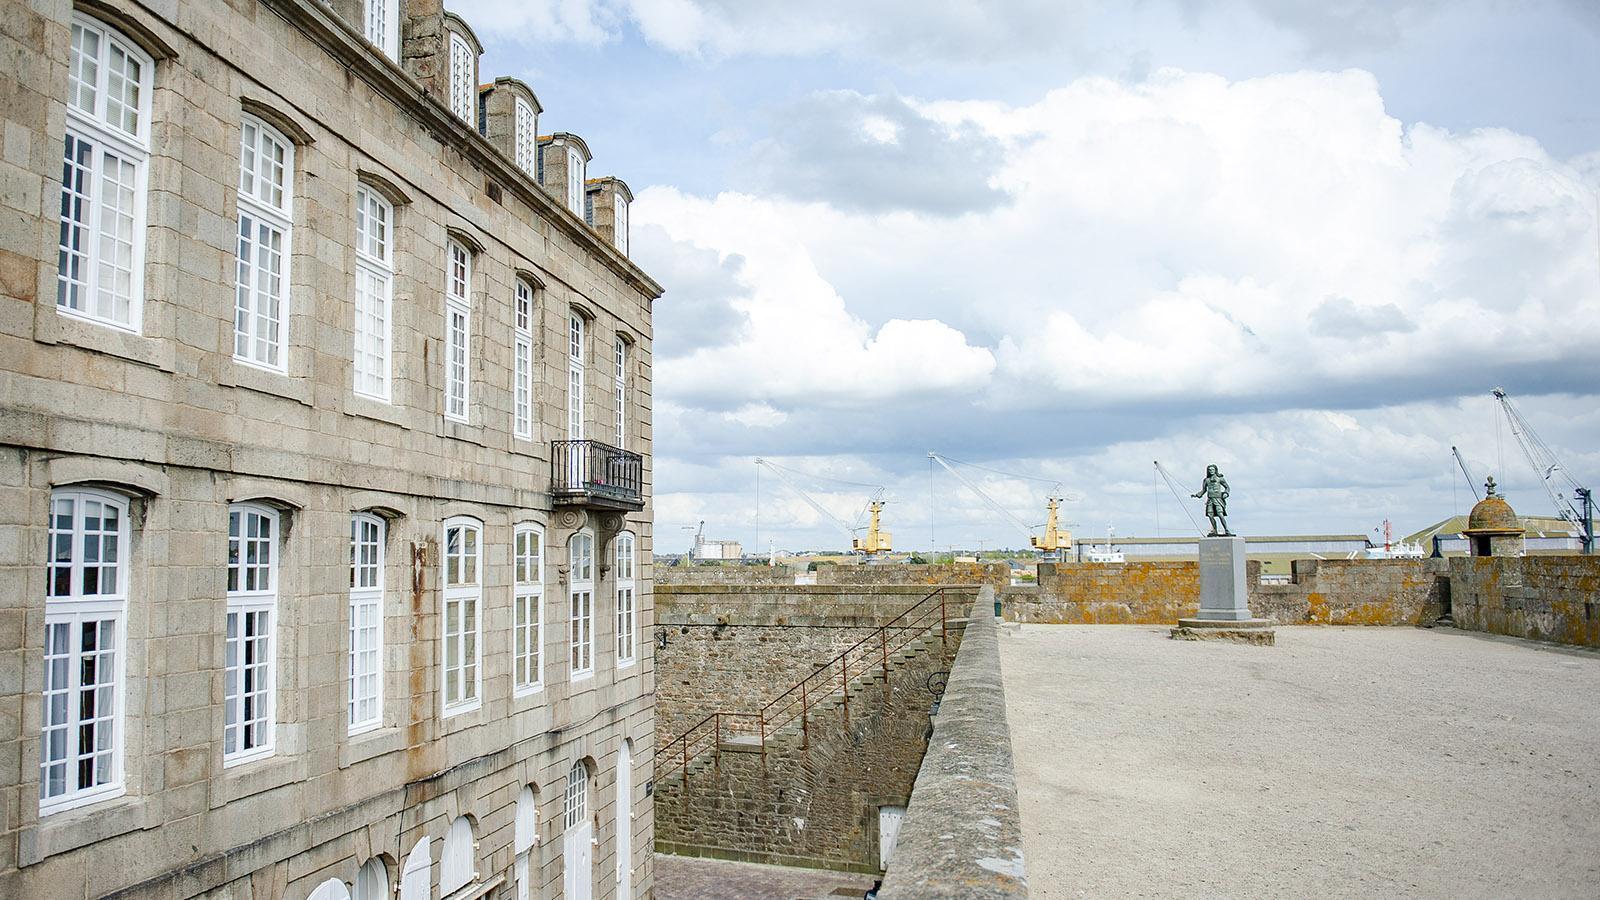 Saint-Malo: Auf der Stadtmauer erinnert eine Statue an den berühmten Korsaren René Duguay-Trouin. Foto: Hilke Maunder